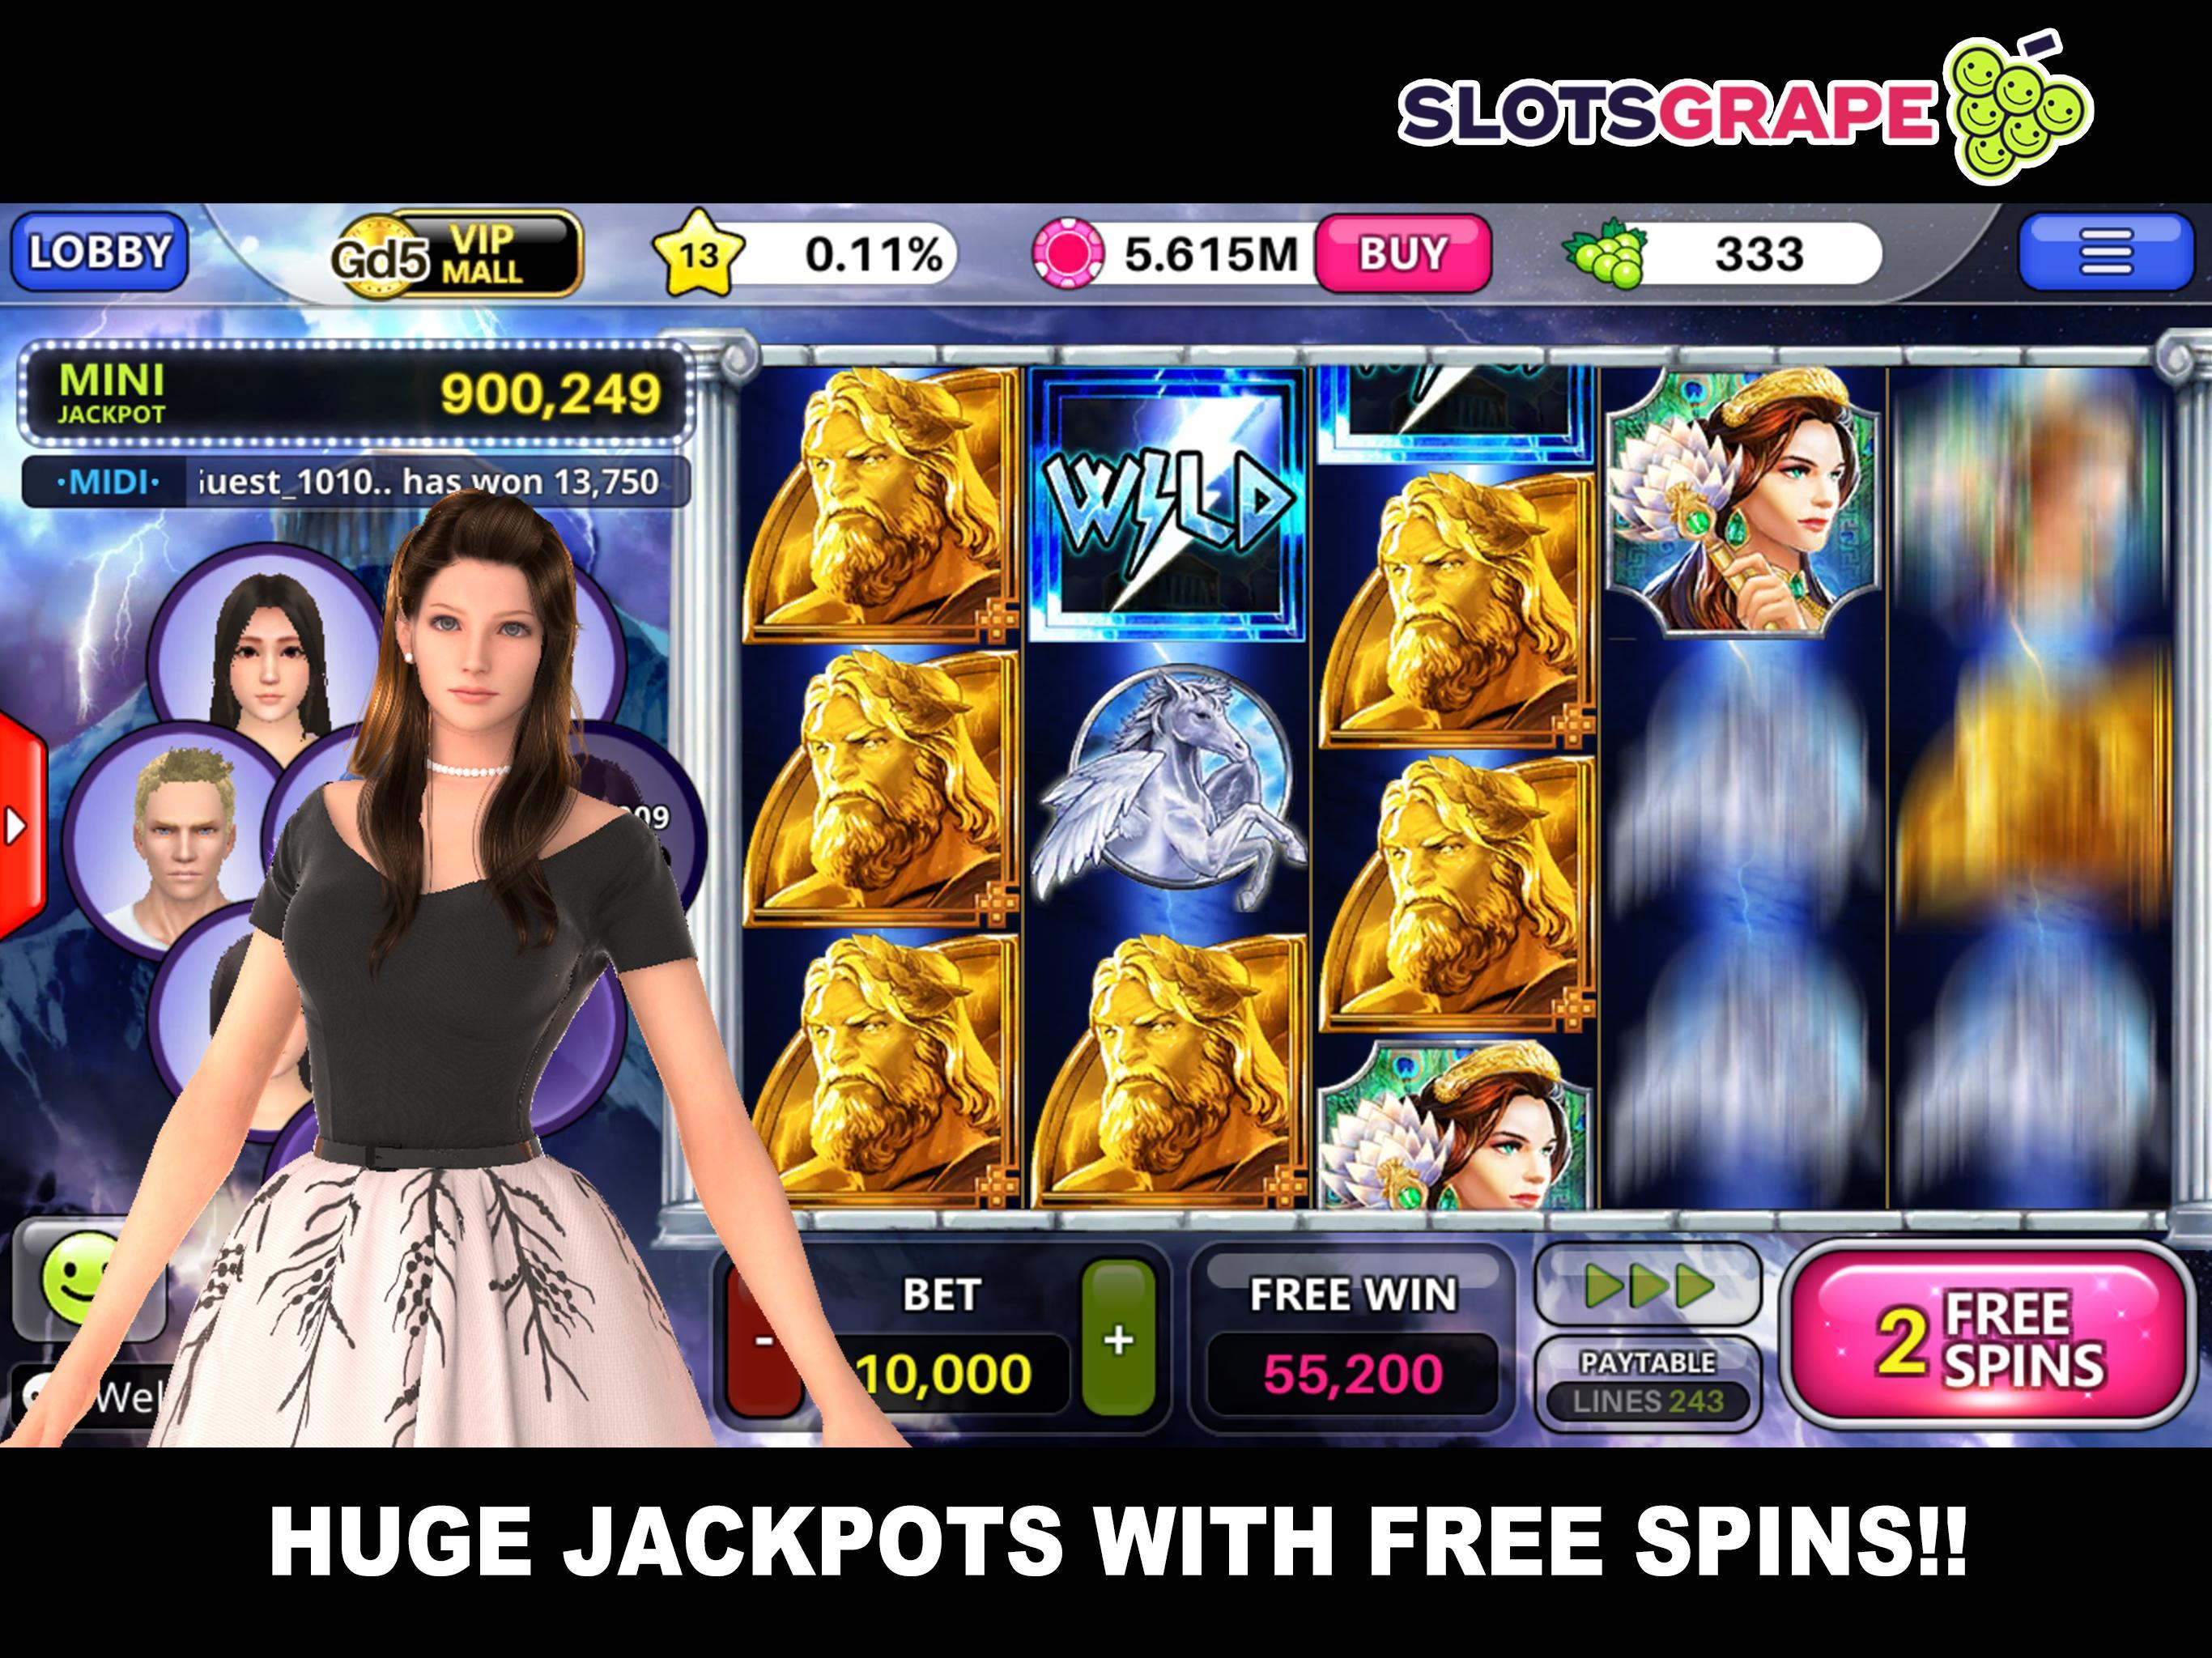 SLOTS GRAPE Free Slots and Table Games 1.0.78 Screenshot 11